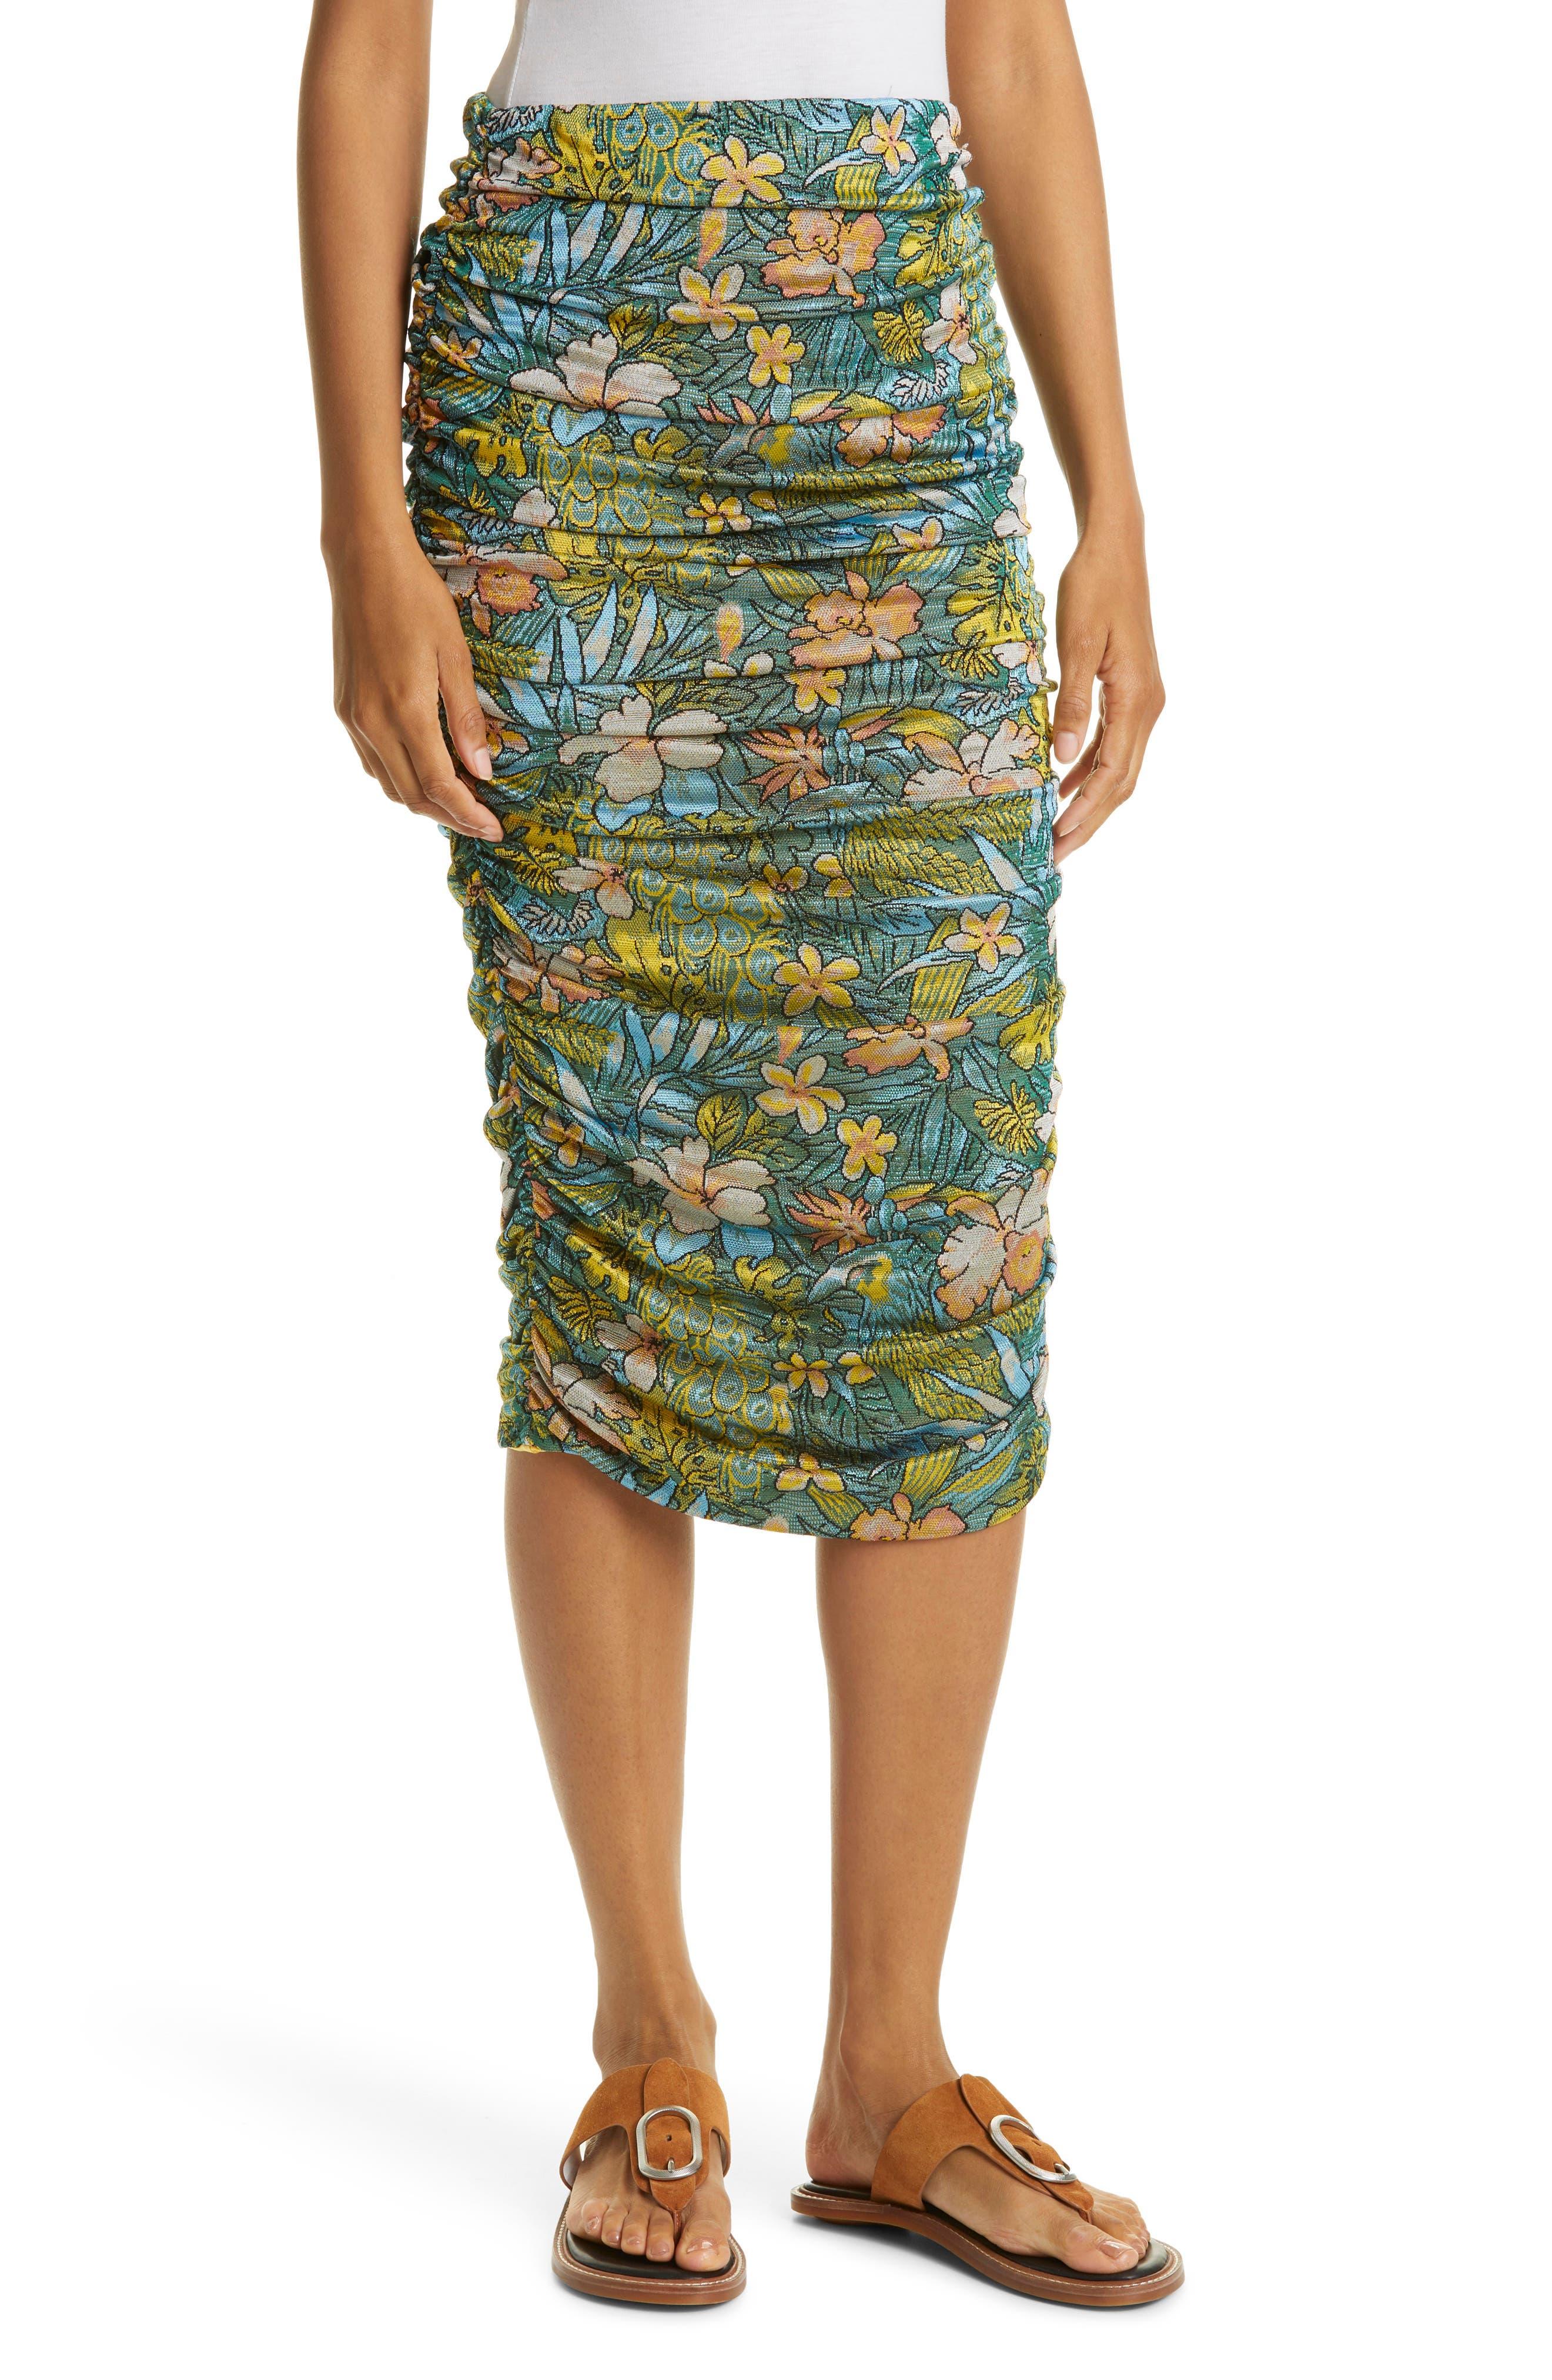 Asphalt Jungle Floral Ruched Skirt